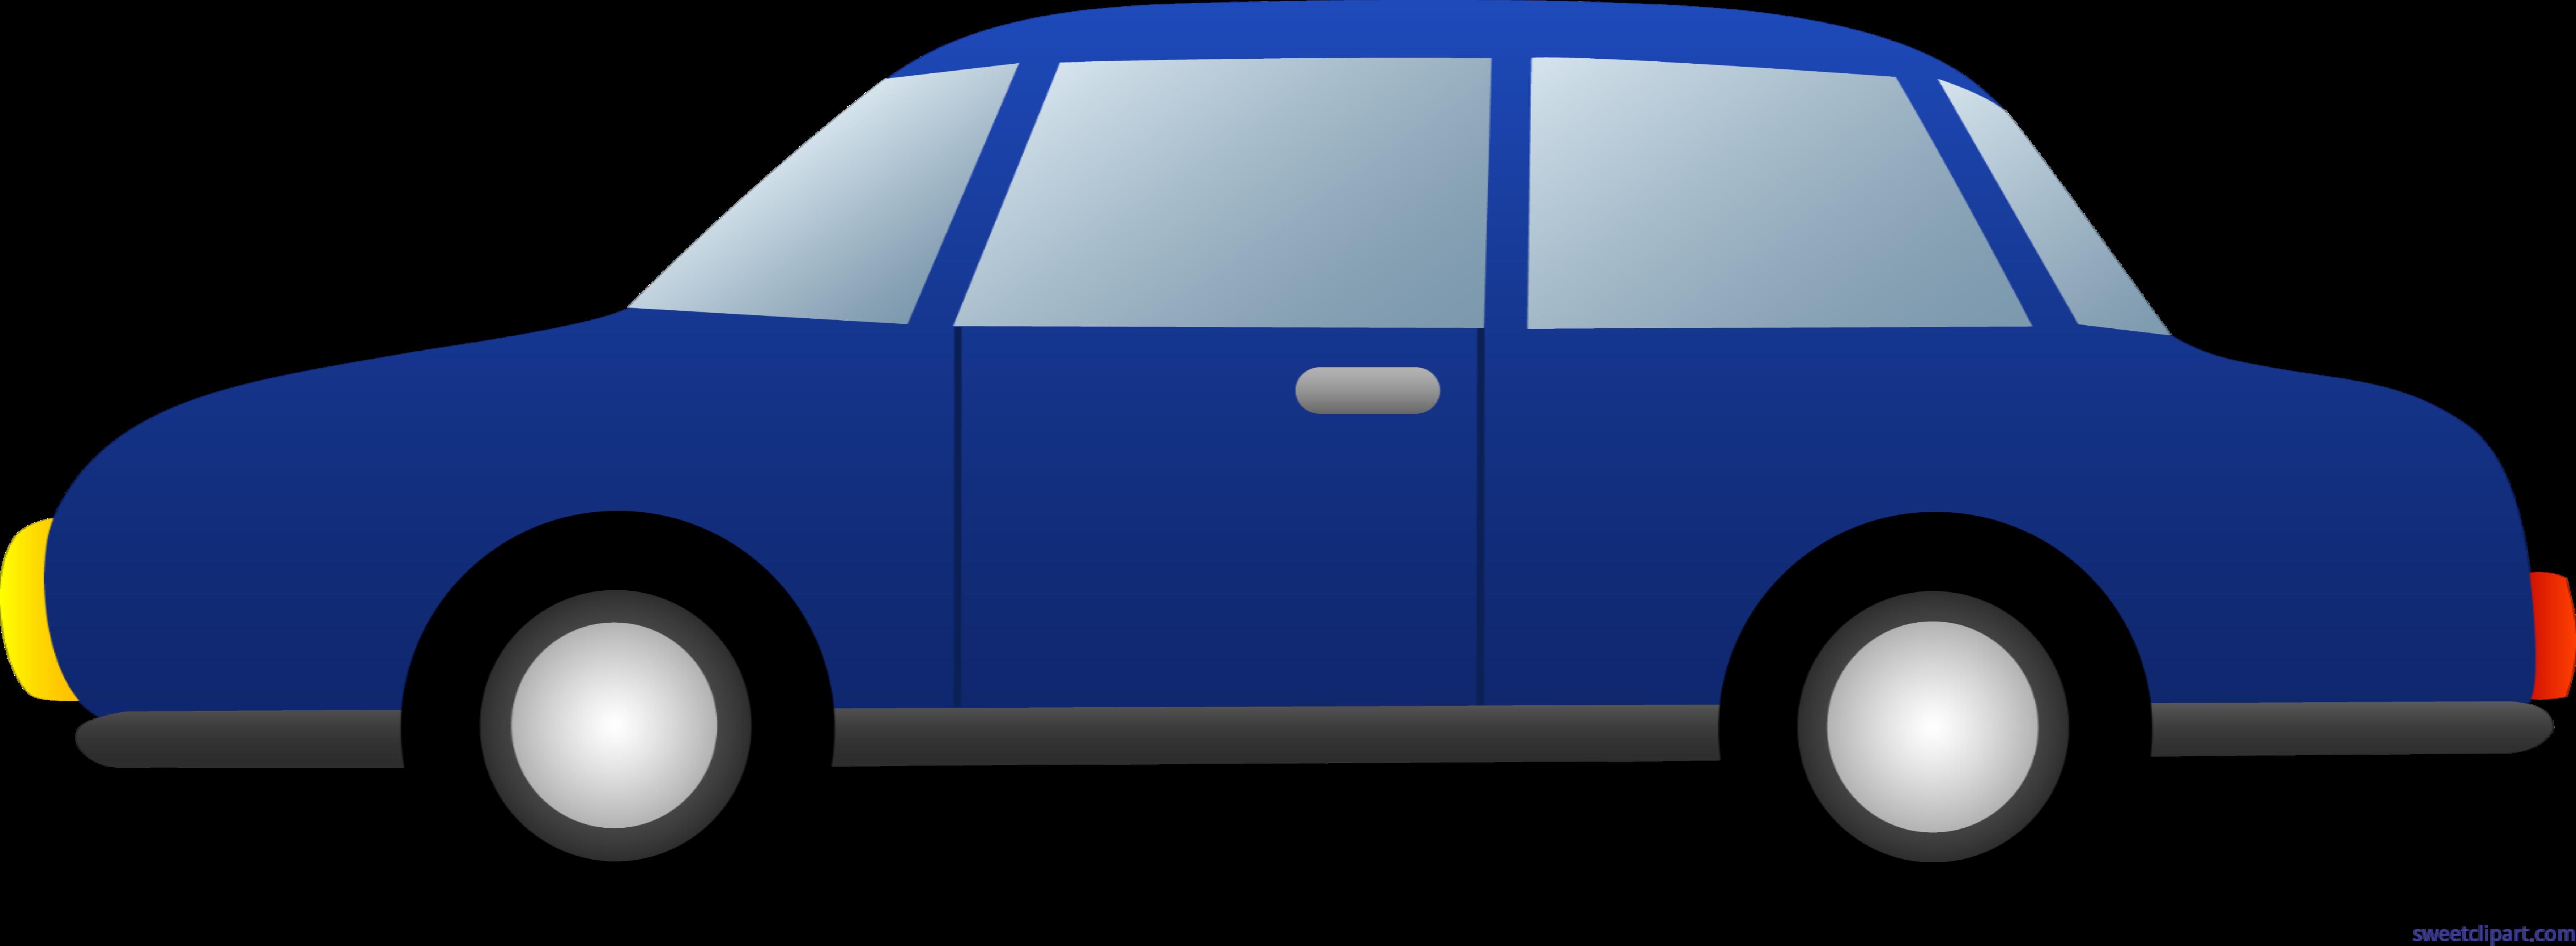 Car Sedan Blue Clip Art.